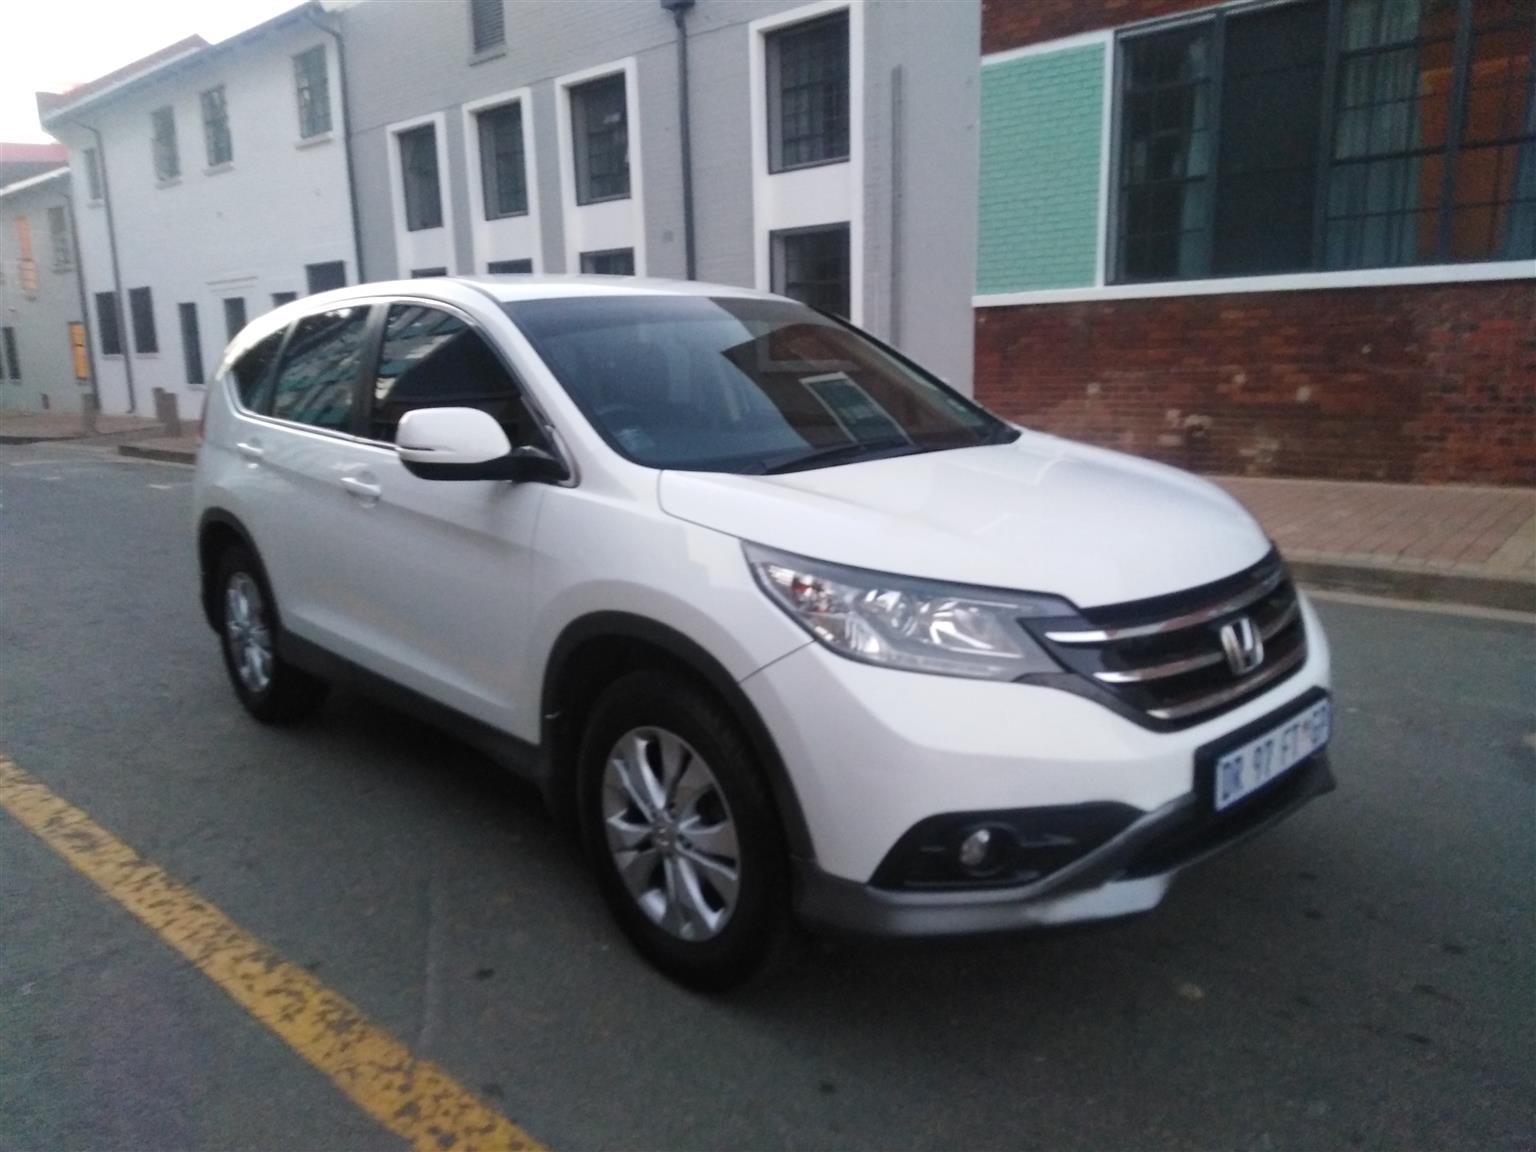 2013 Honda Crv 2.0 Executive